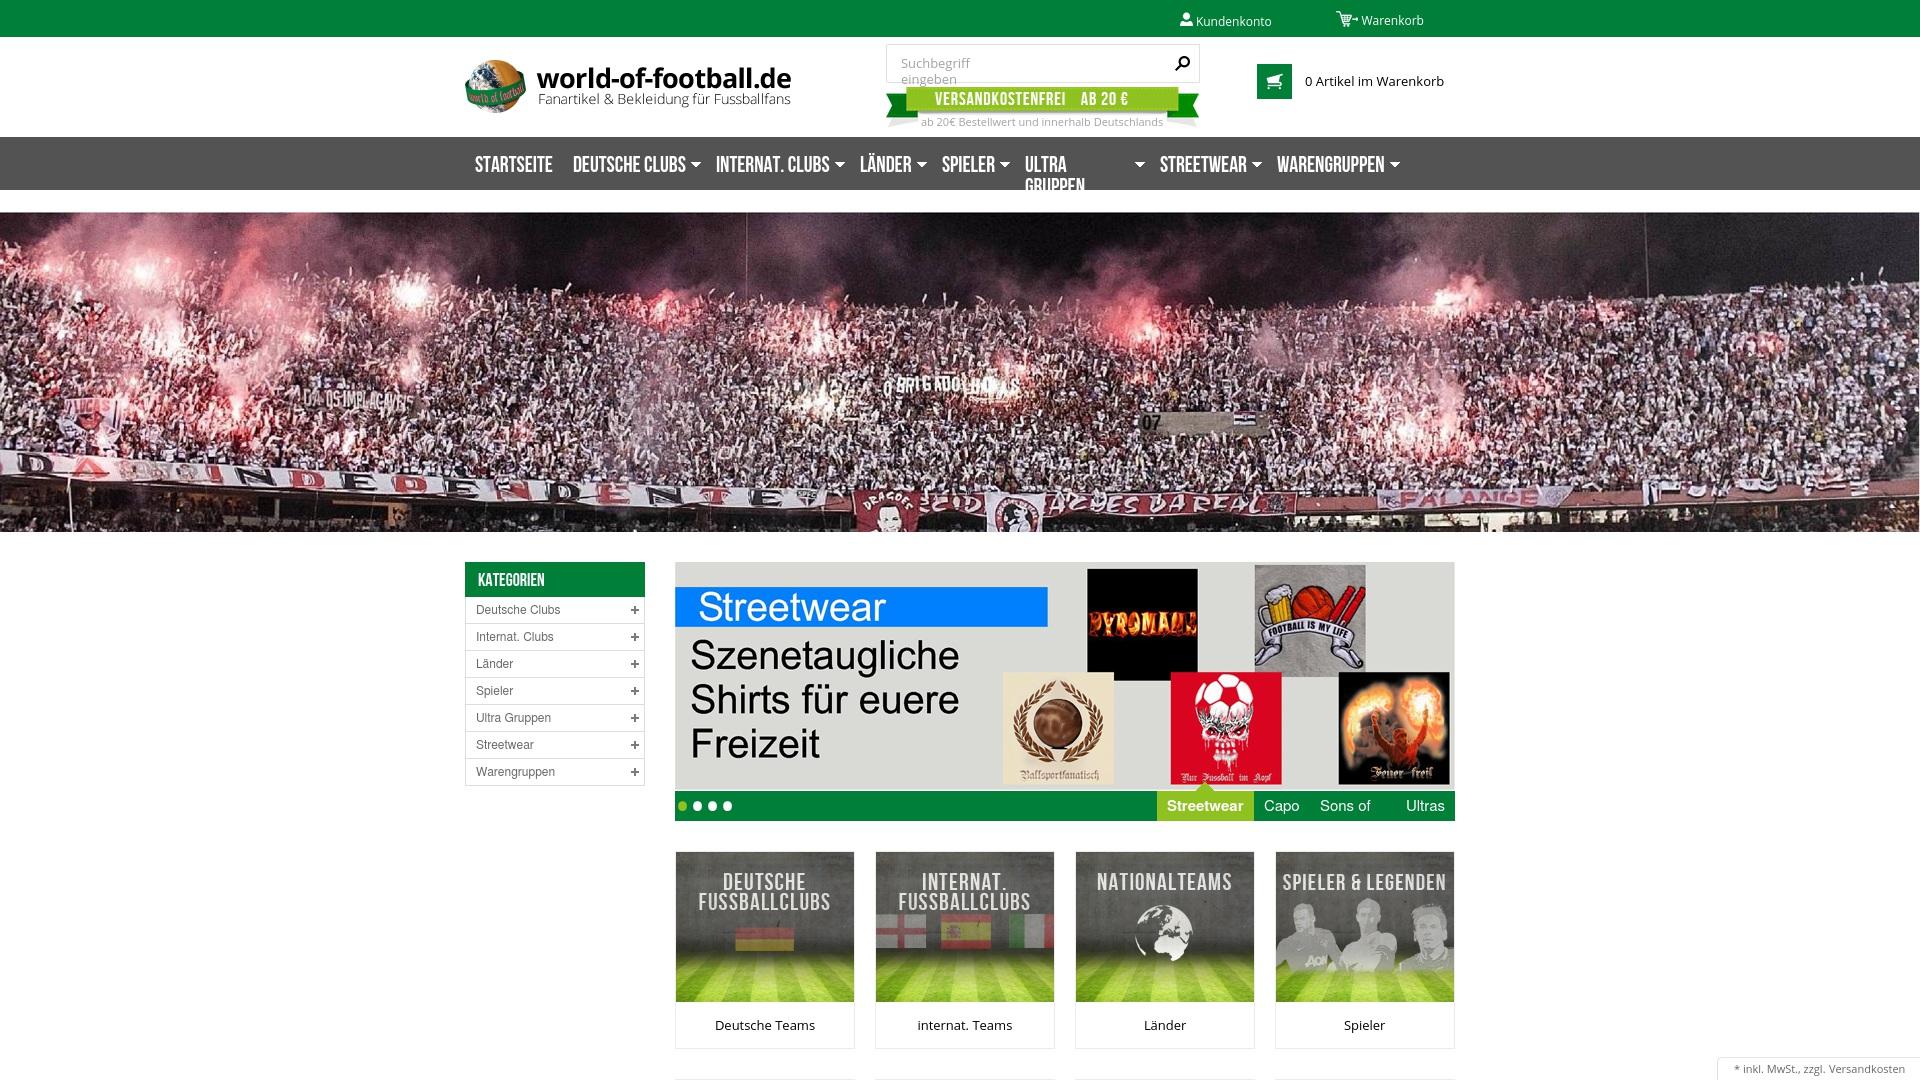 Gutschein für World-of-football: Rabatte für  World-of-football sichern